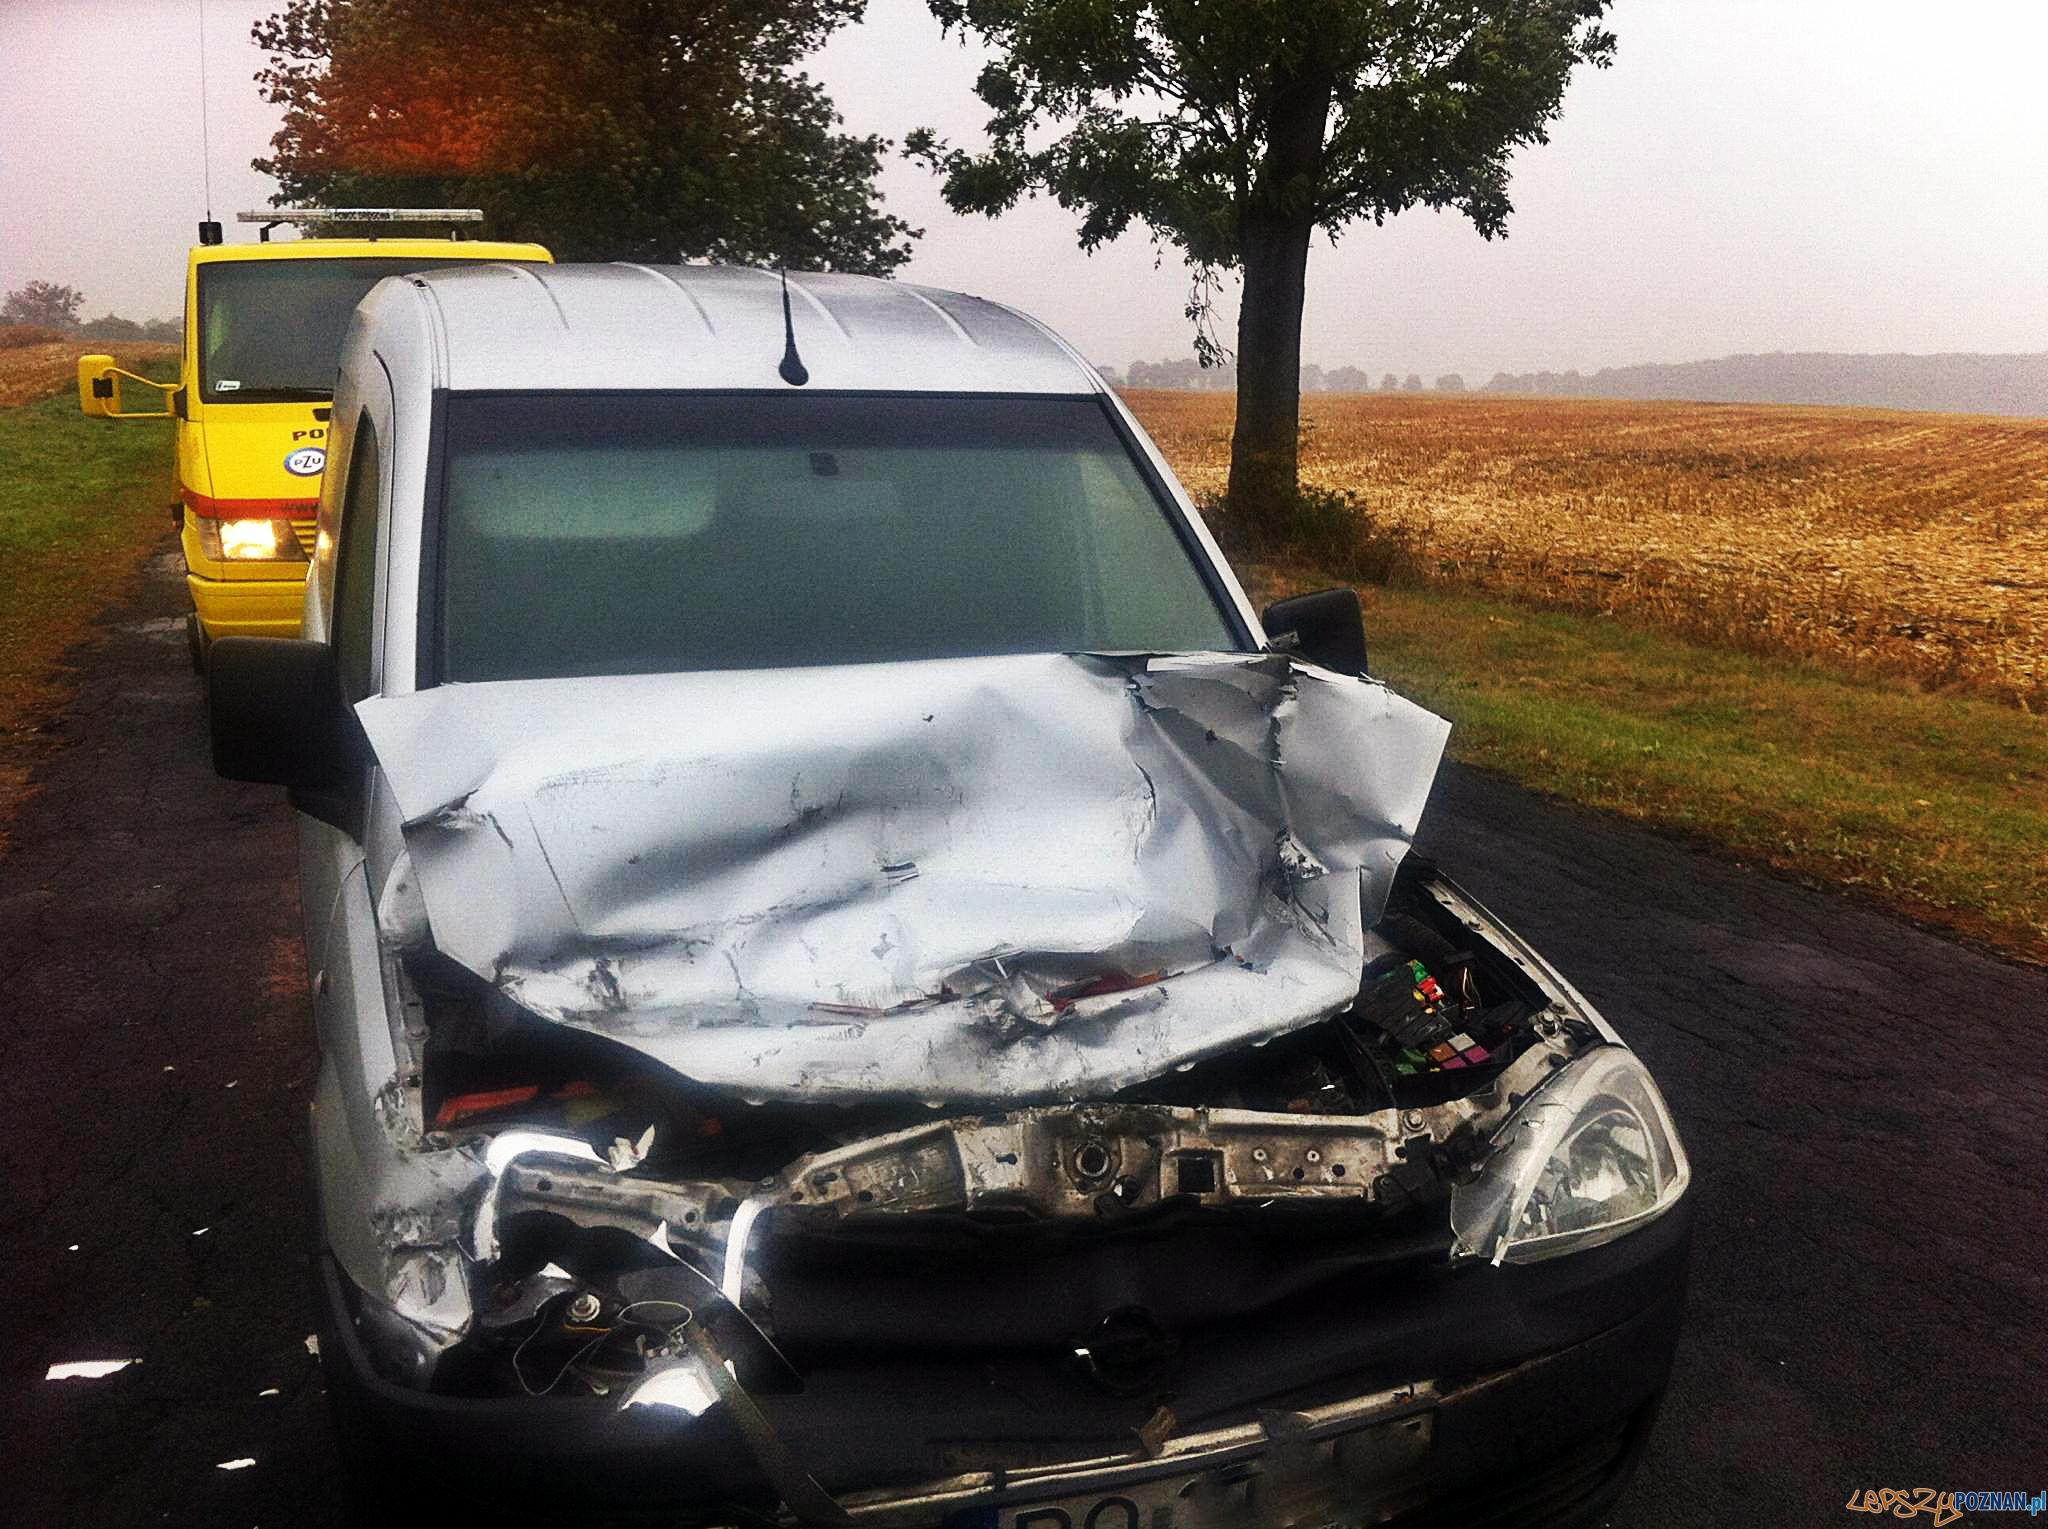 Wypadek pod Wierzonką  Foto: Pomoc Drogowa EuroHol Poznań 503-604-400